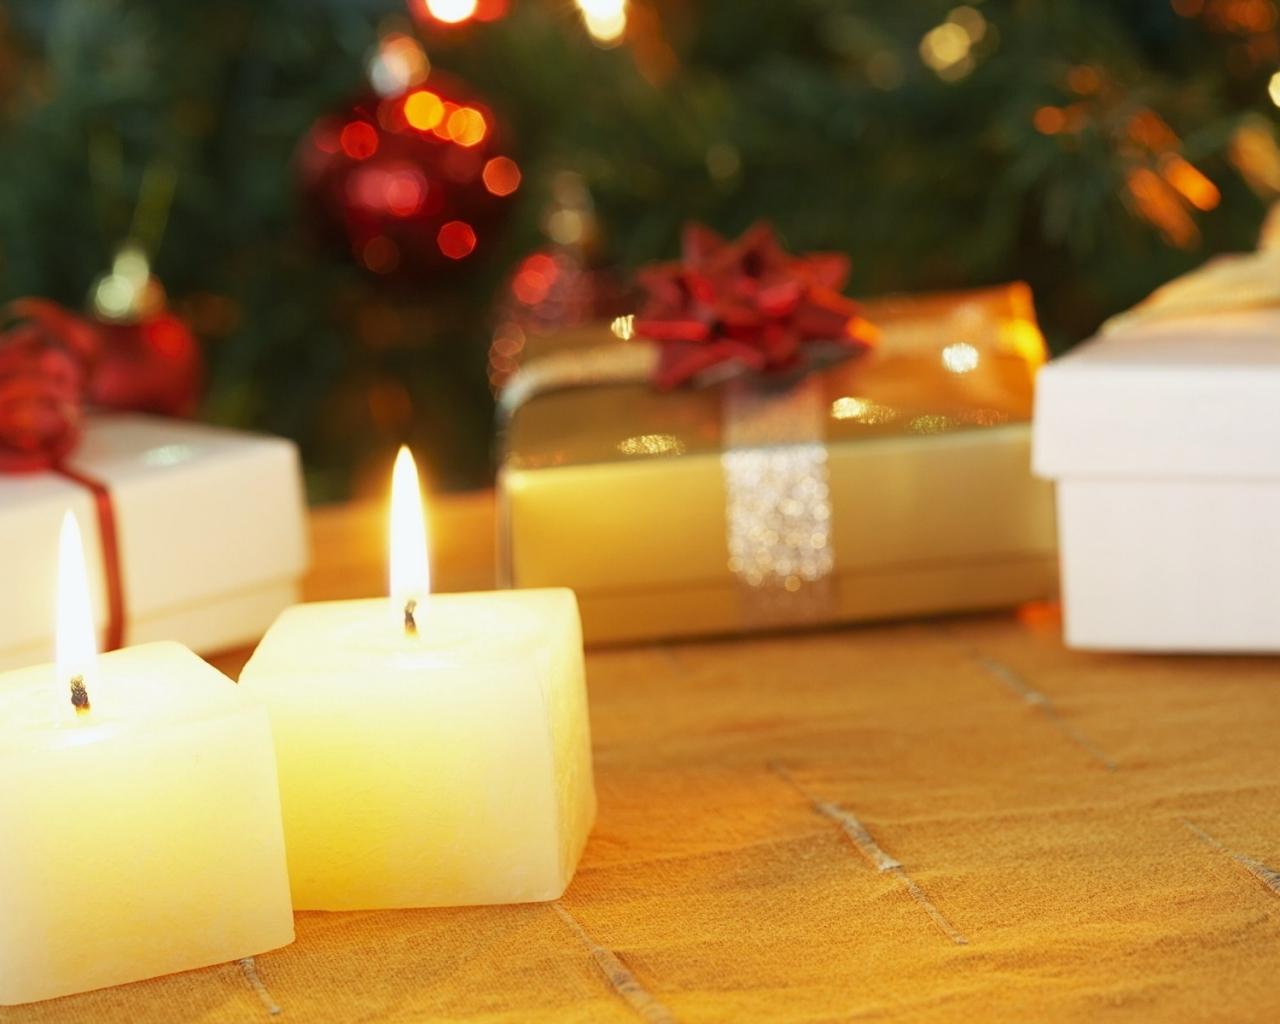 Velas cuadradas como adornos en navidad hd 1280x1024 - Velas de adorno ...